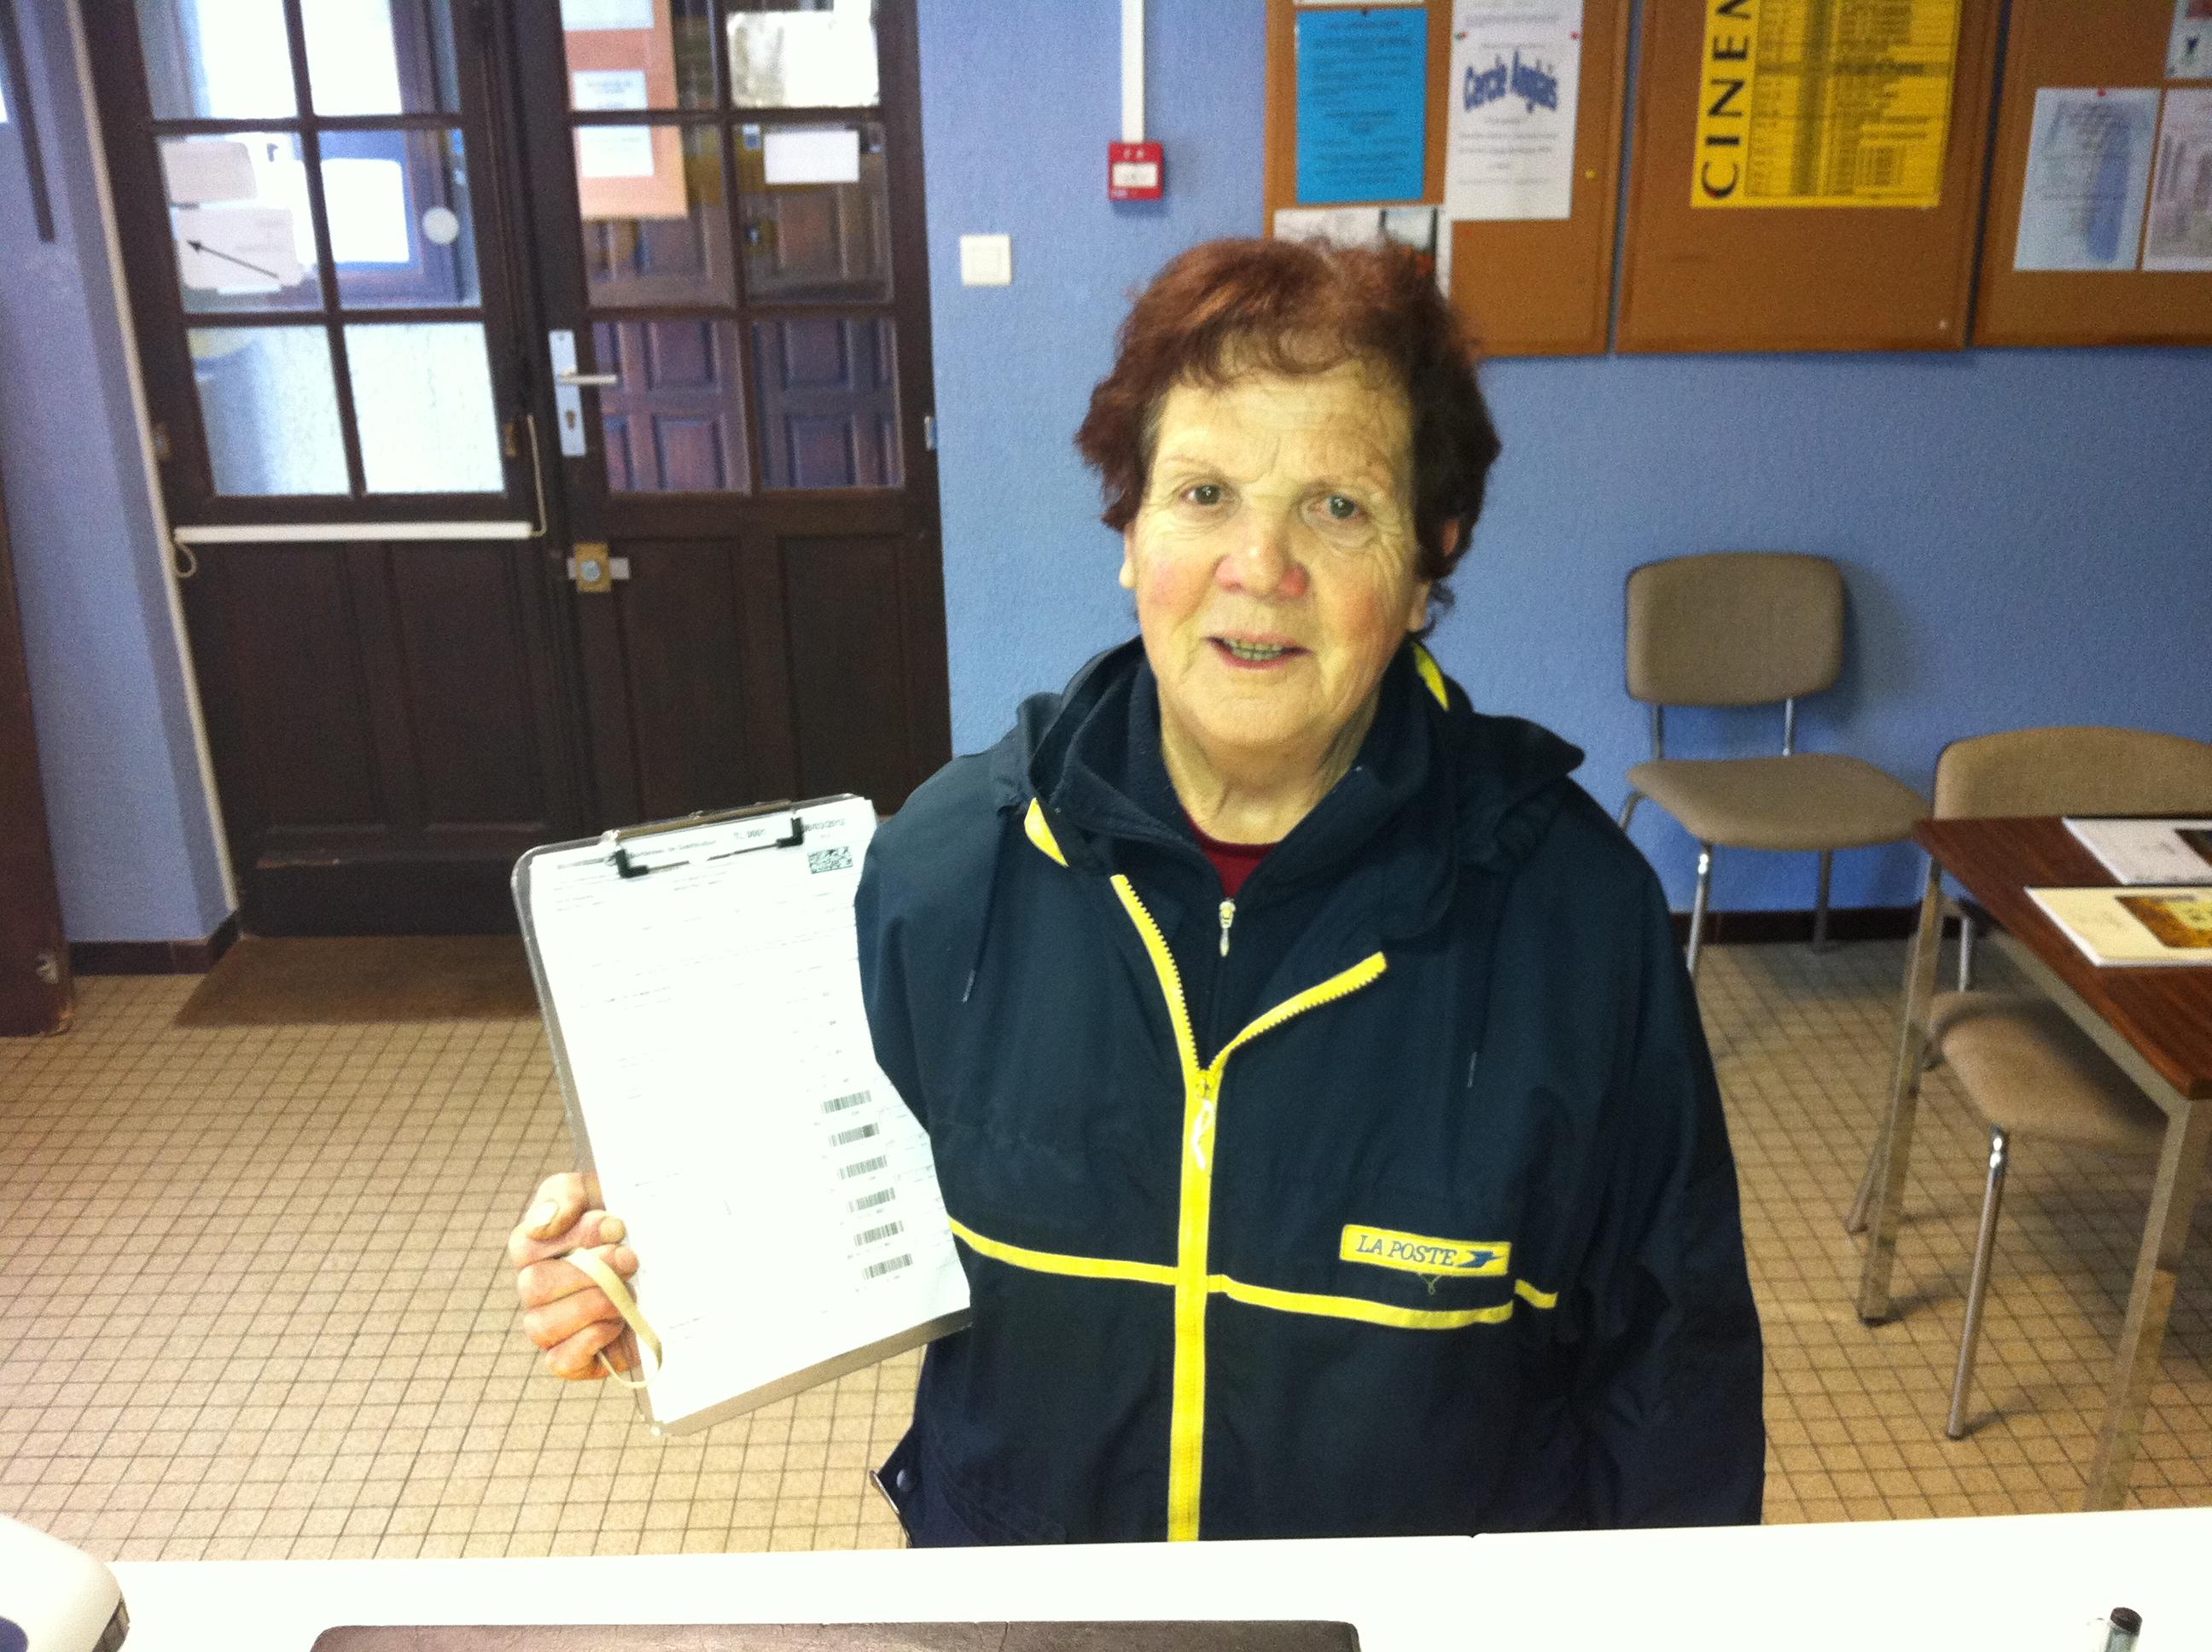 Notre factrice jeannette castaing part la retraite bielle en vall e d - Centre financier de la poste lyon ...